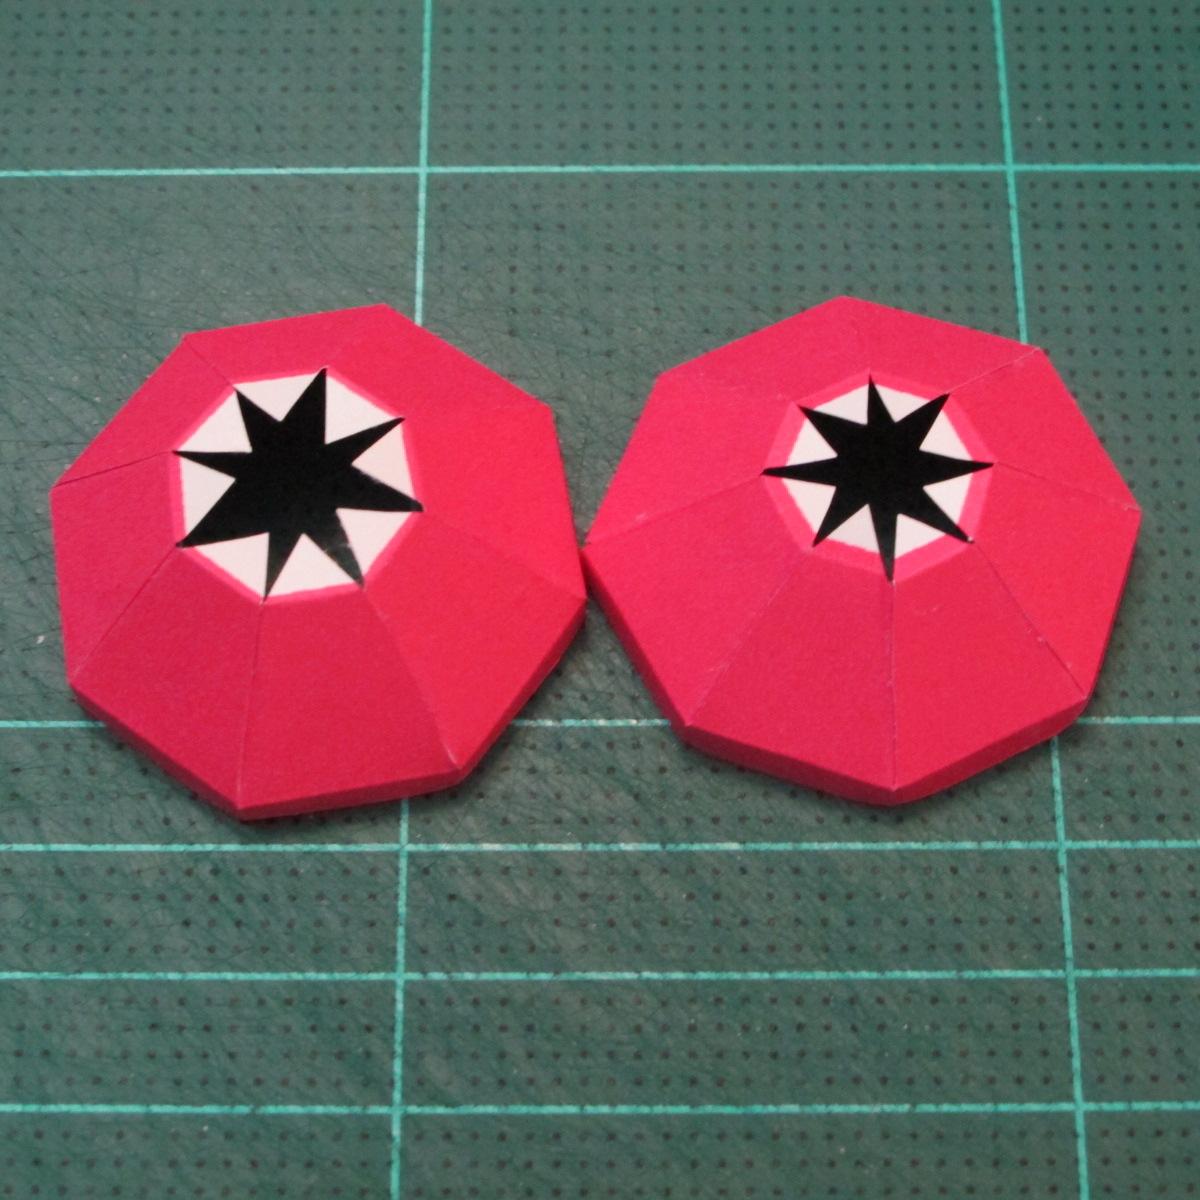 วิธีทำโมเดลกระดาษตุ้กตาคุกกี้รัน คุกกี้รสสตอเบอรี่ (LINE Cookie Run Strawberry Cookie Papercraft Model) 035